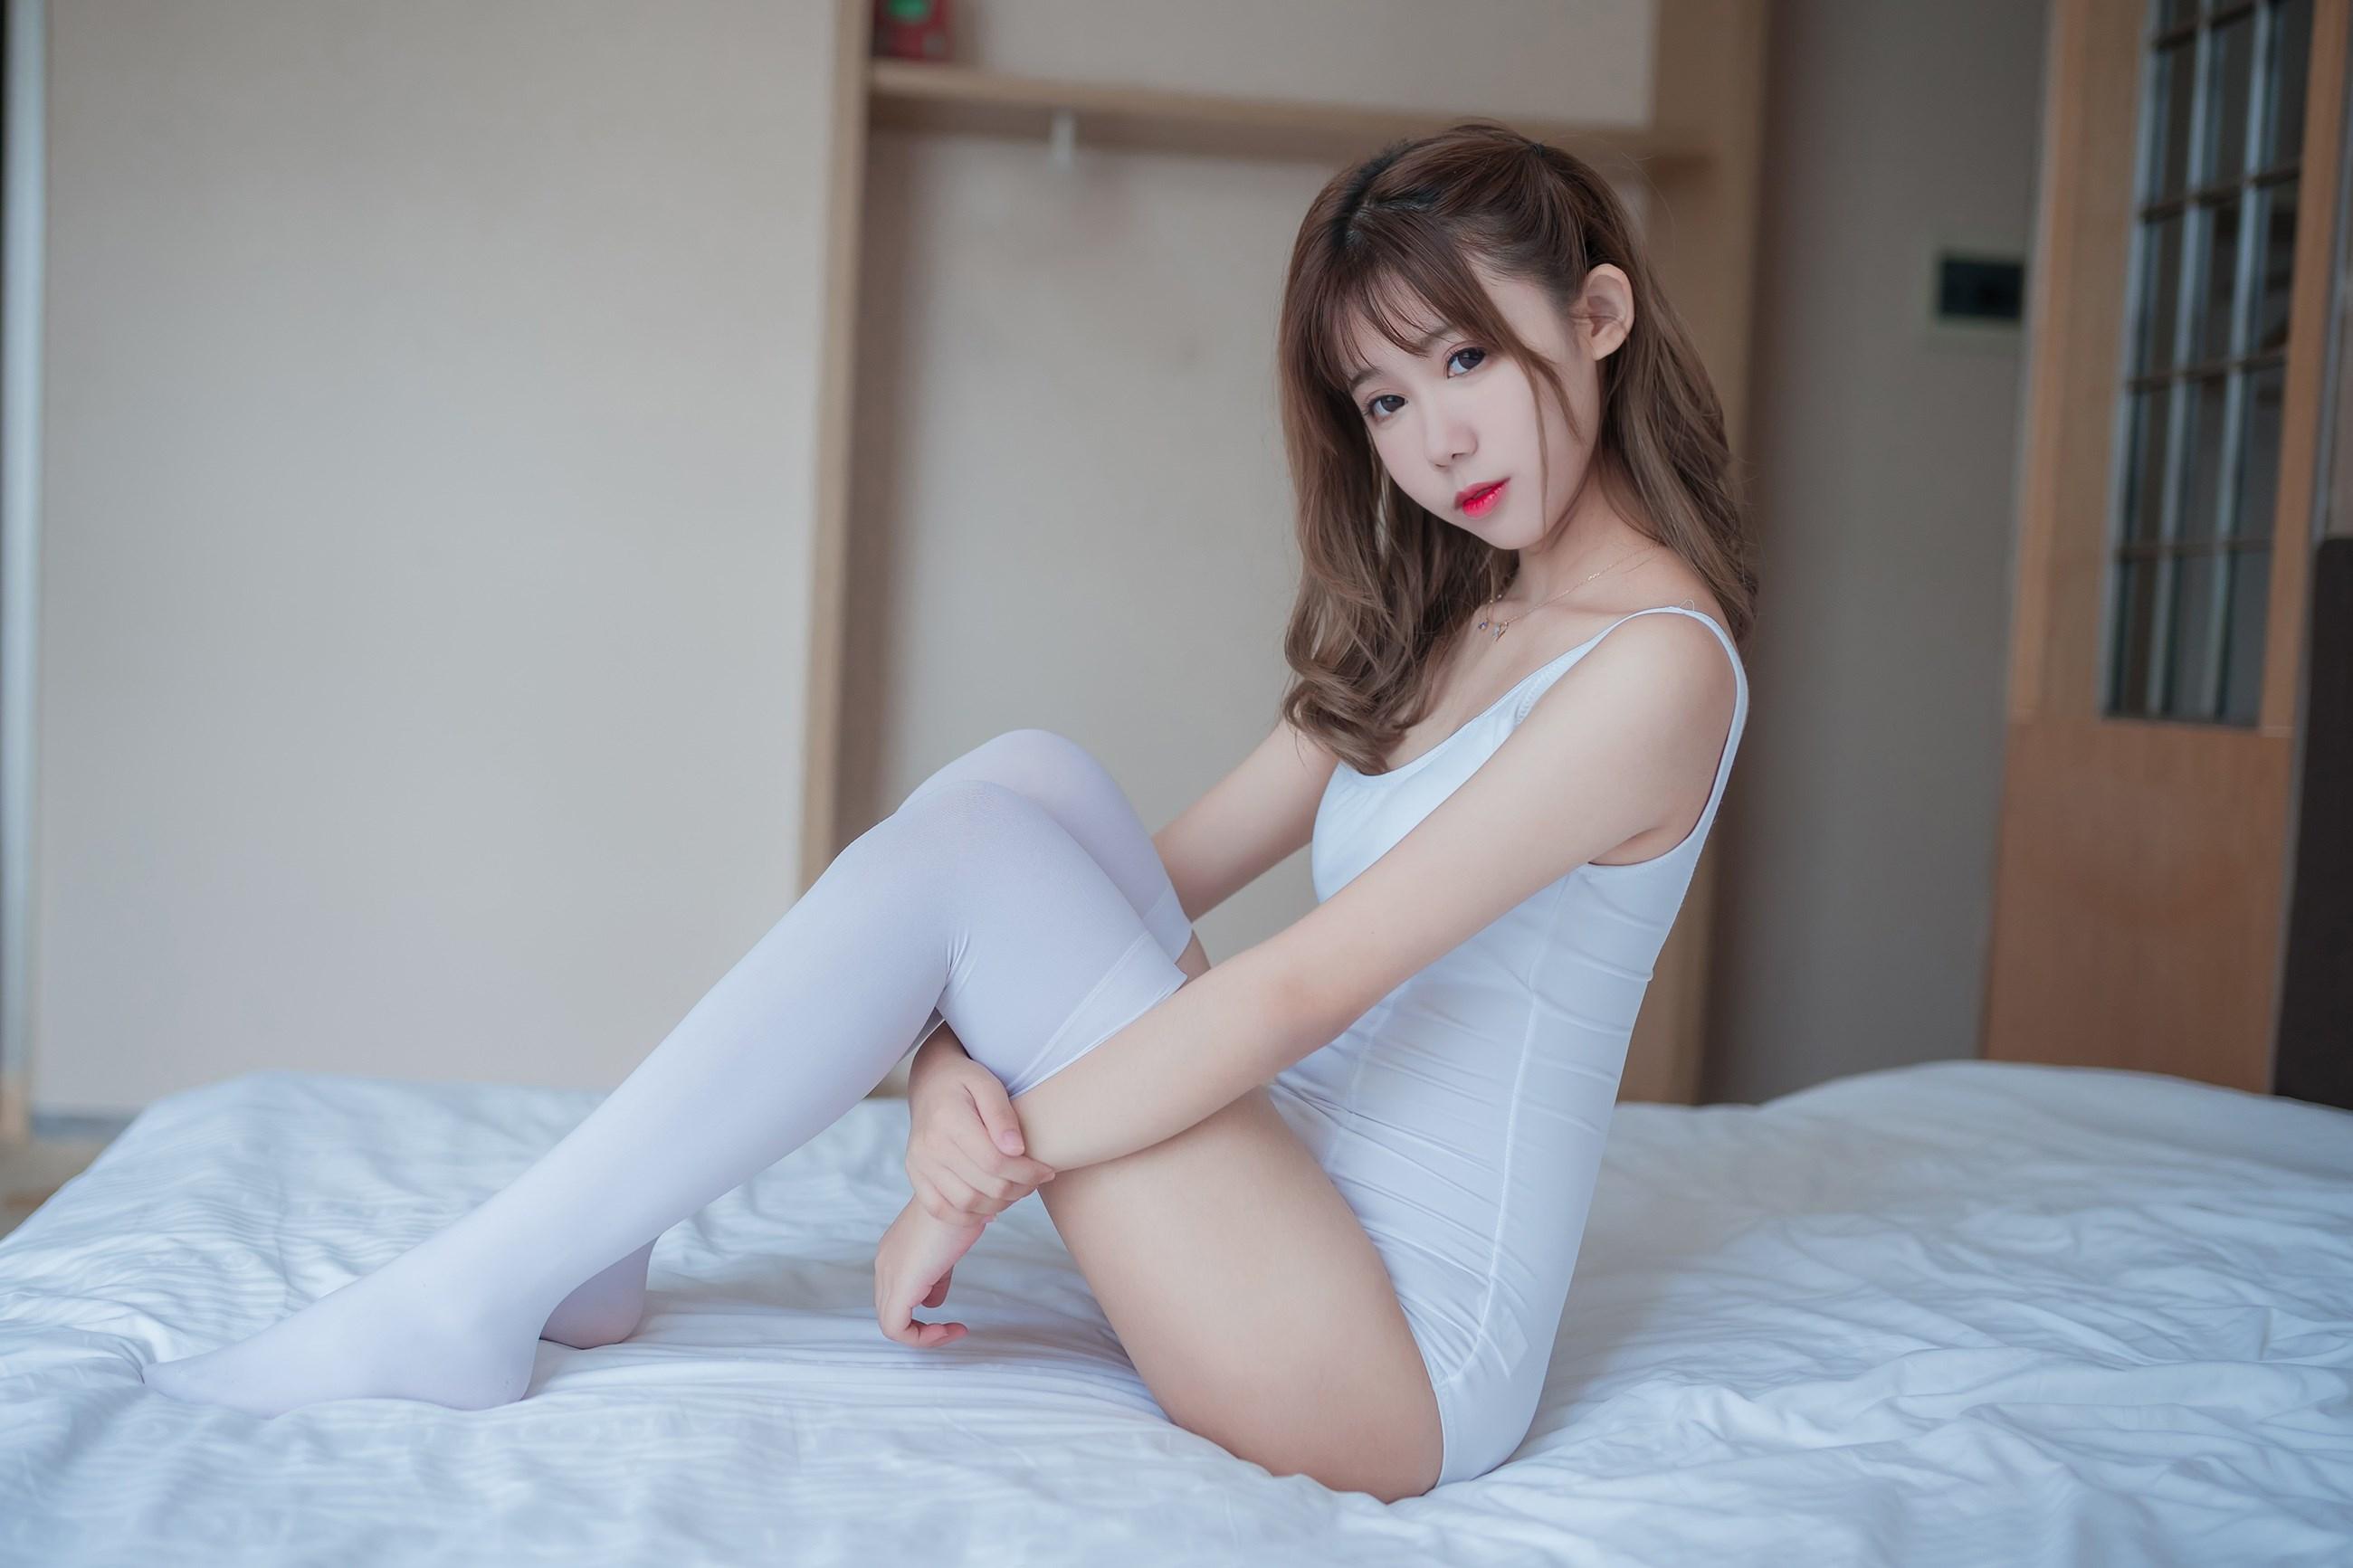 【兔玩映画】vol.09-纯白色 兔玩映画 第22张